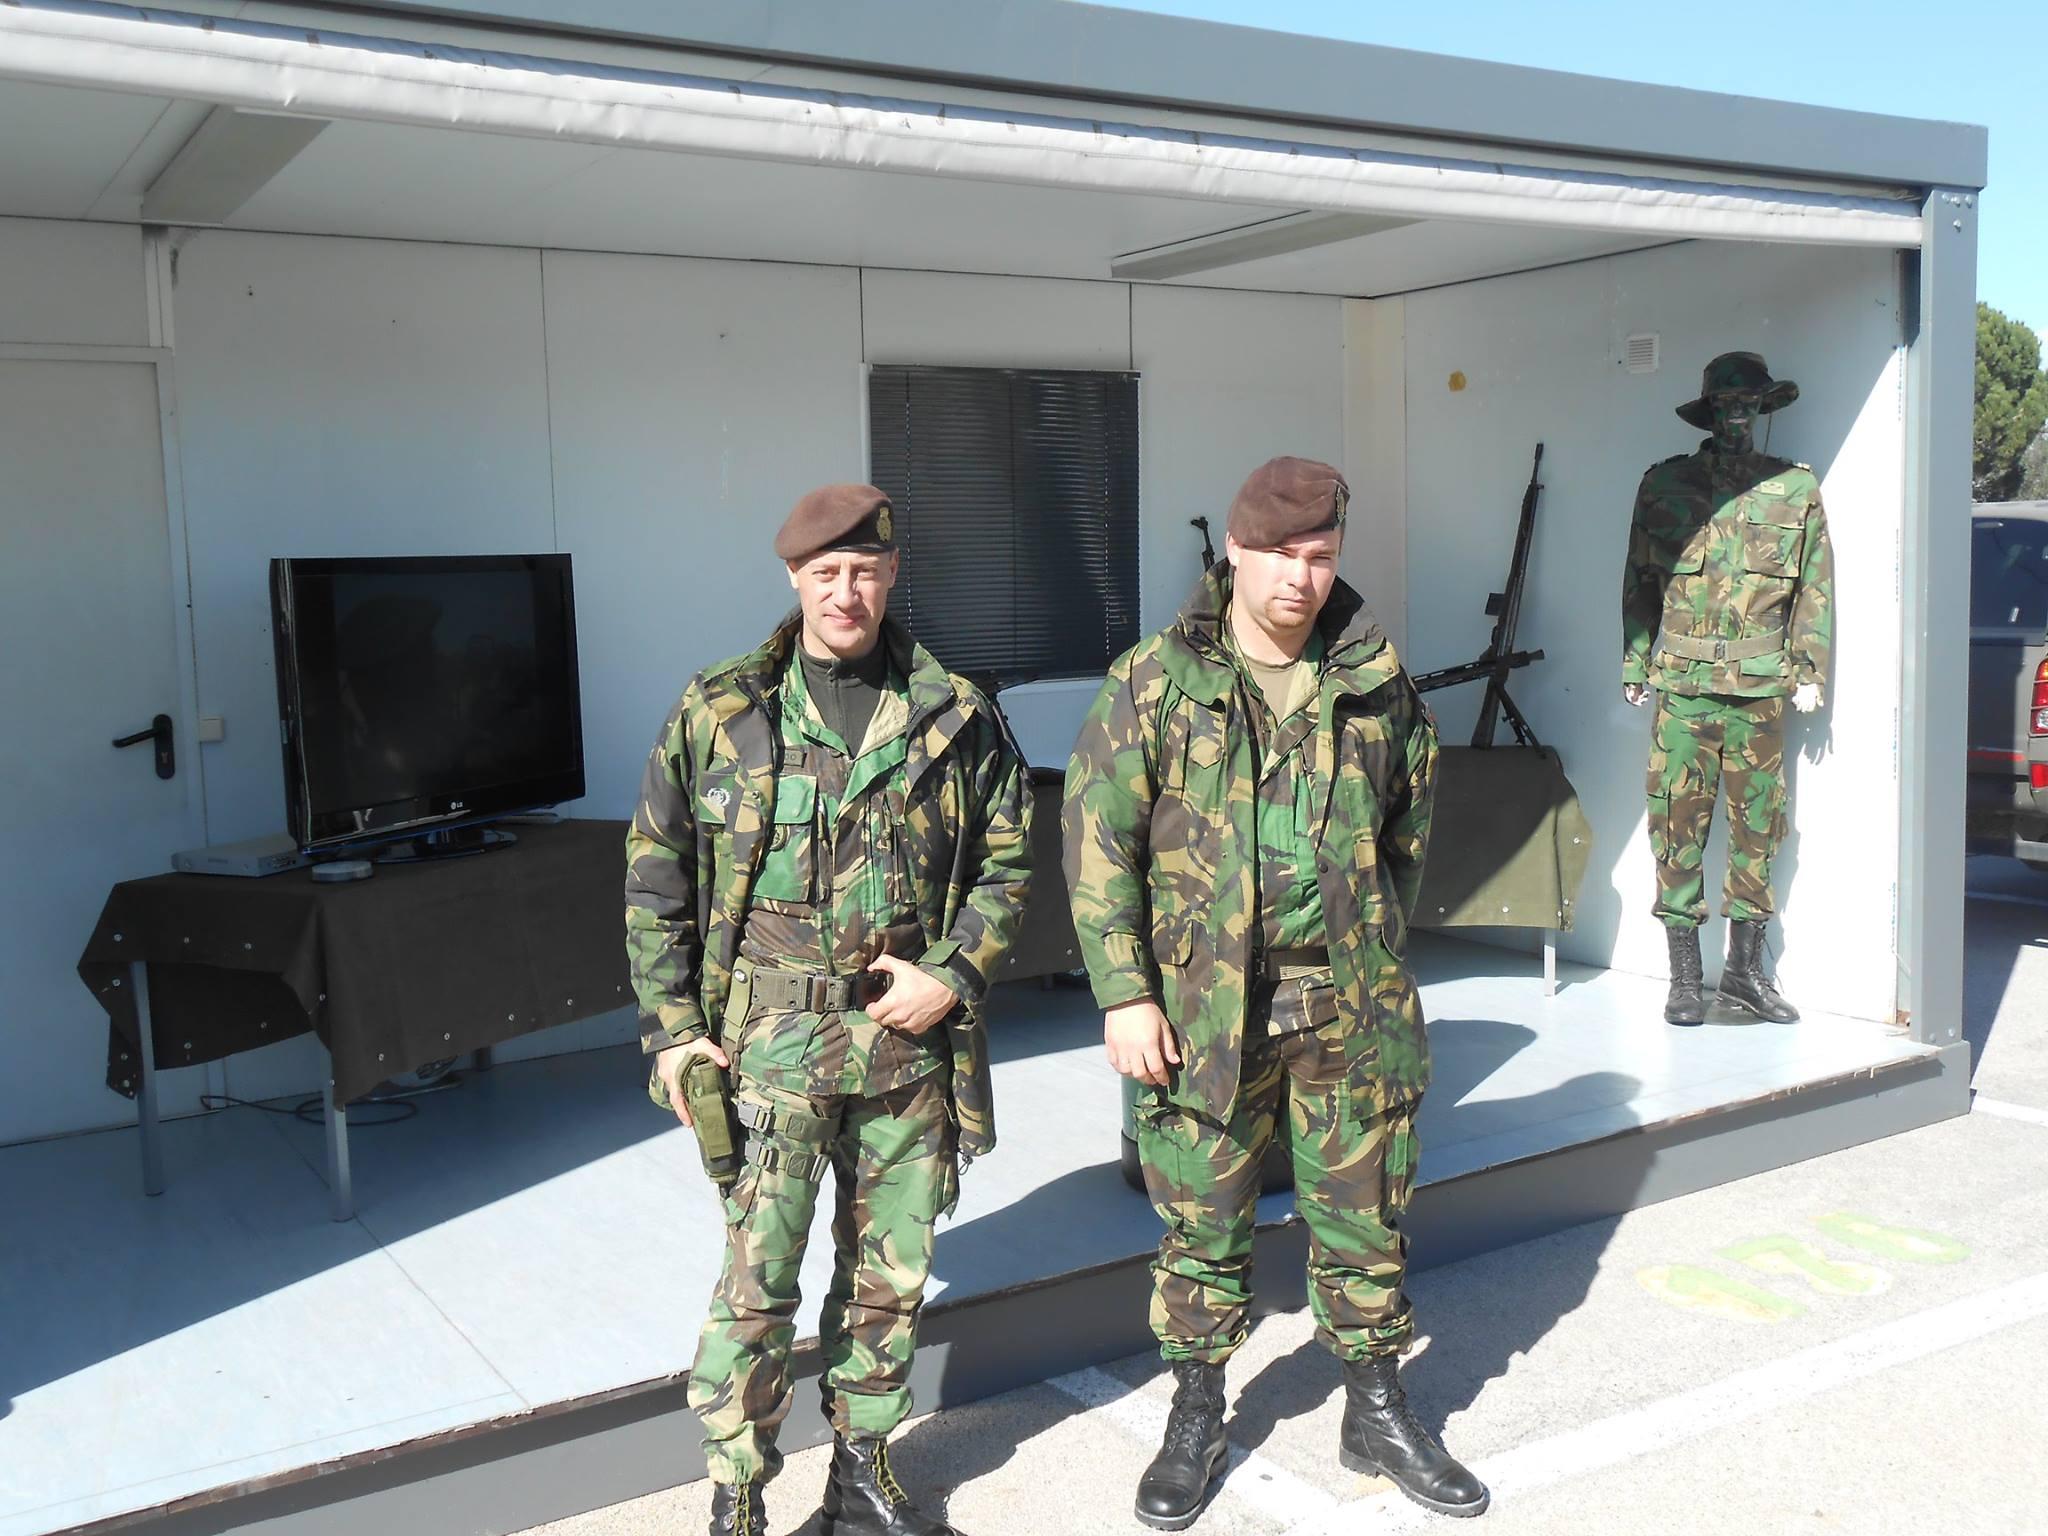 Exército Português no Mercado de Quelfes  6faecc8f0c3